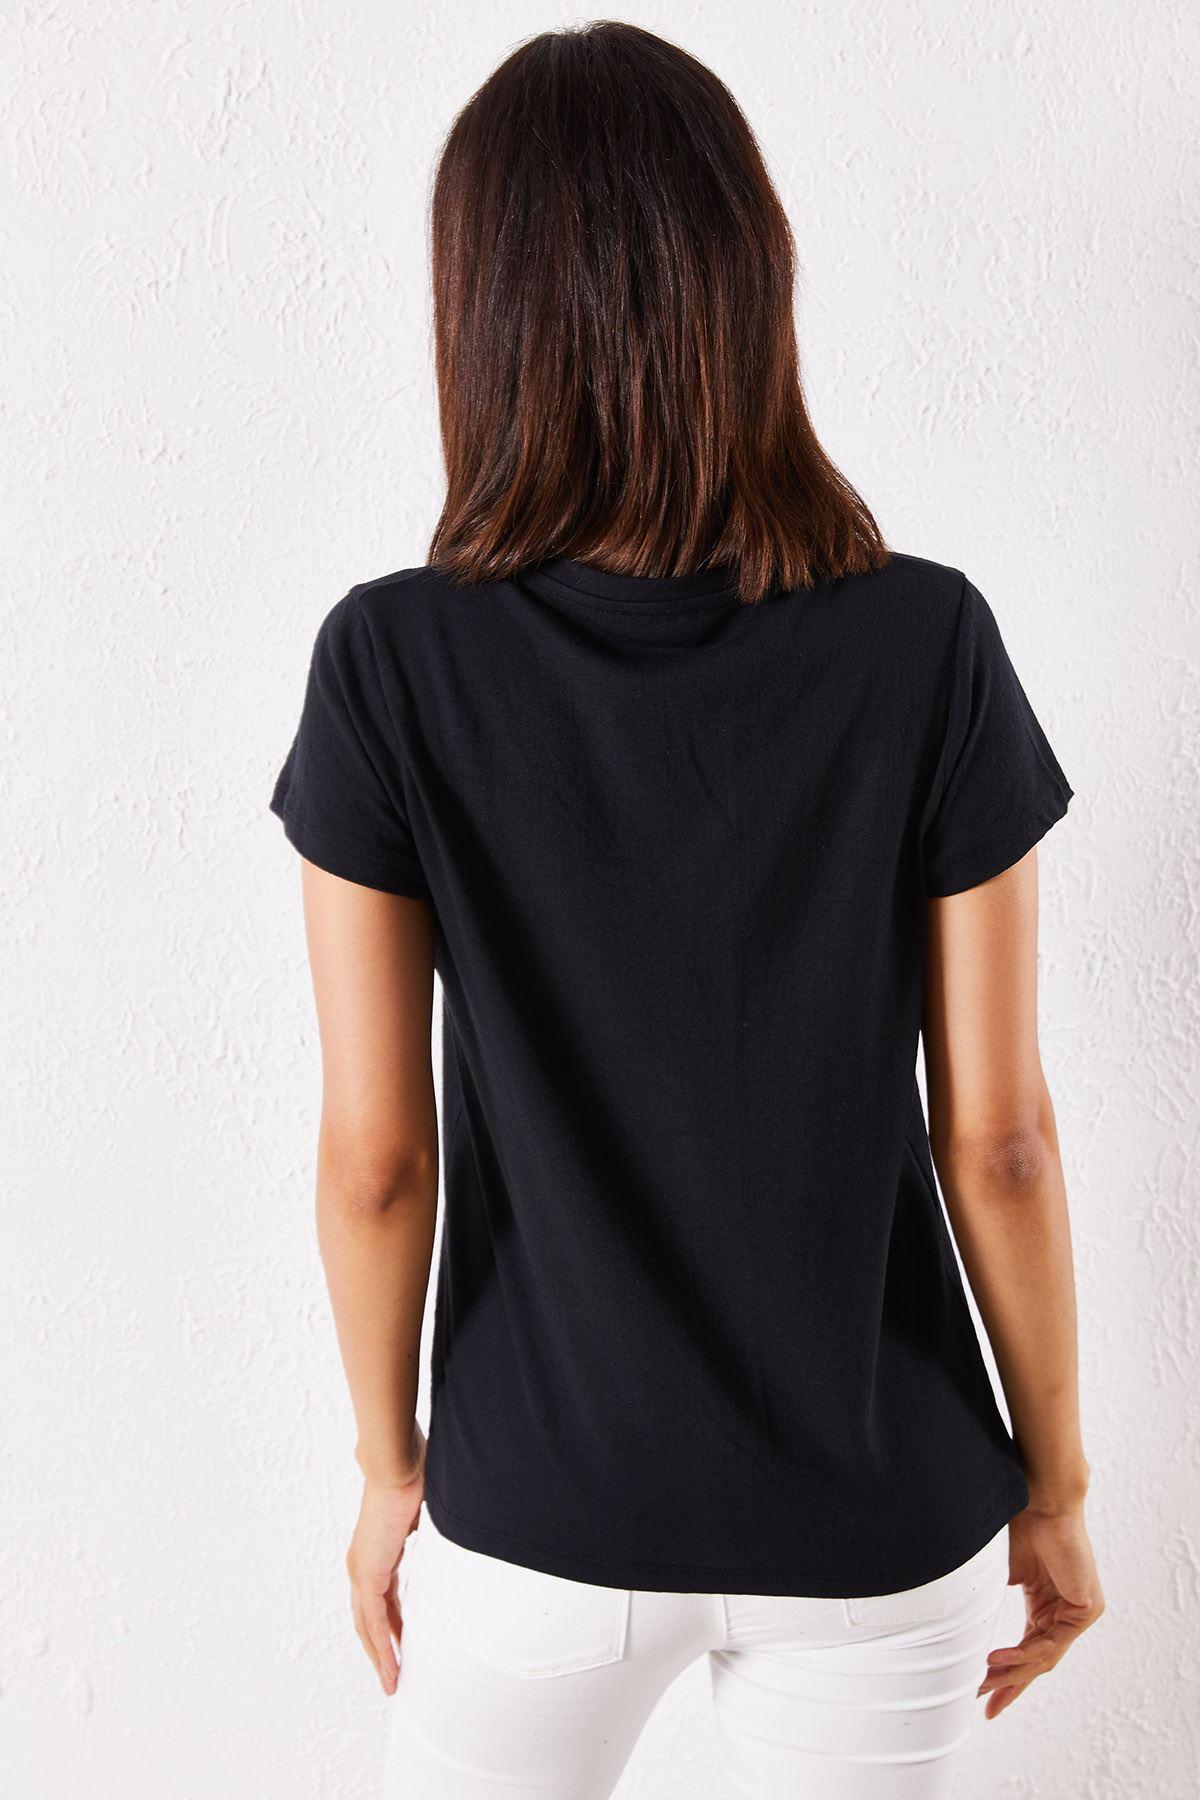 Kadn Eşli Bodrum Baskılı Siyah Tişört